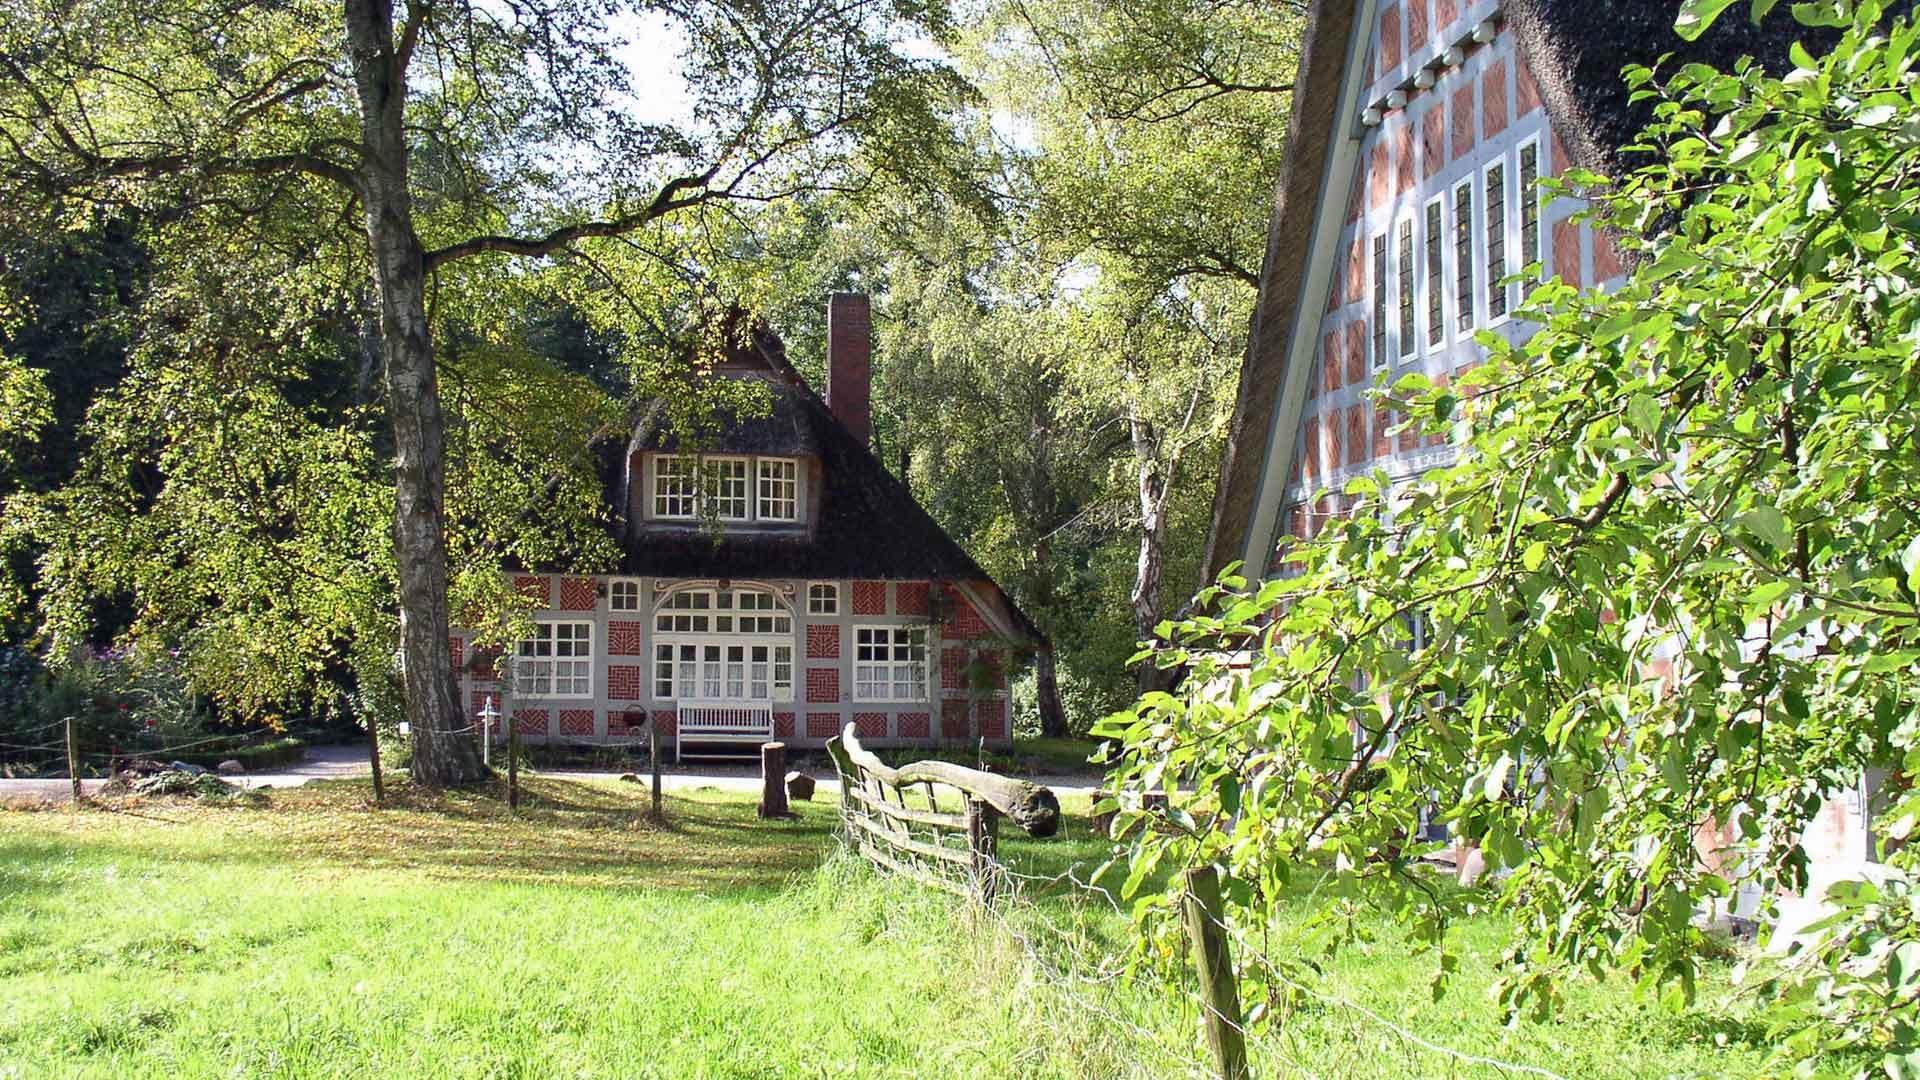 Haus im Schluh in Worpswede is tegenwoordig een museum